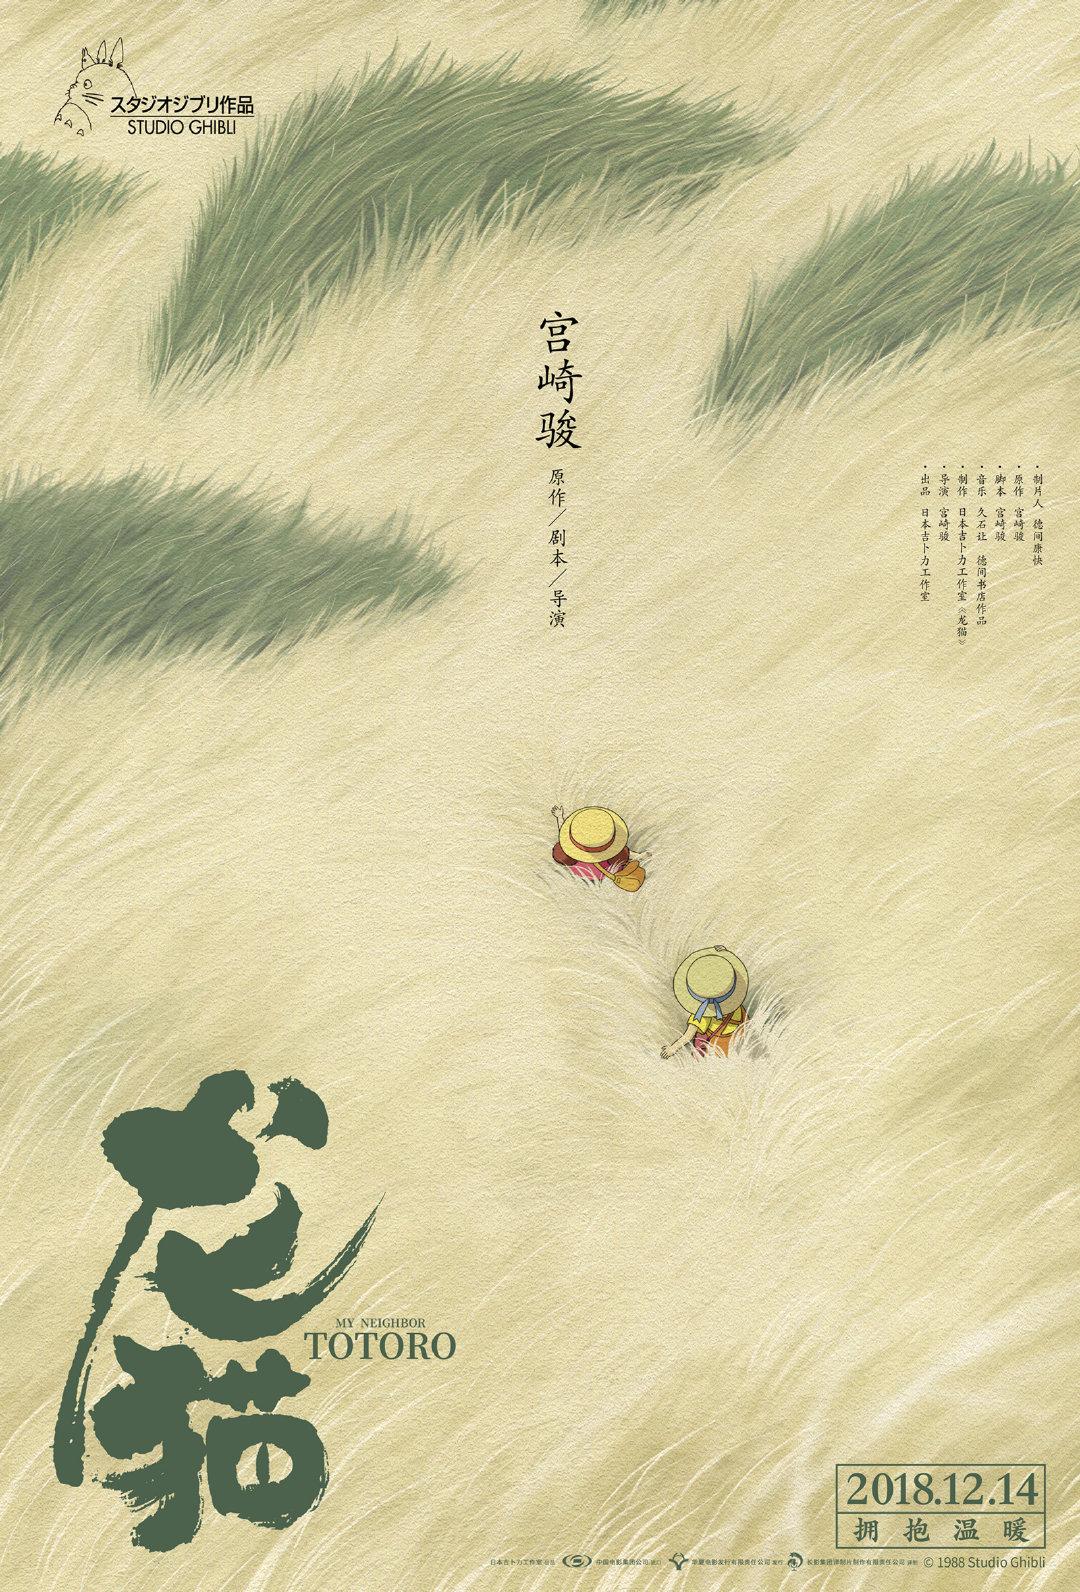 自2018年起,每年都有一部宫崎骏/吉卜力经典动画电影引进内地上映